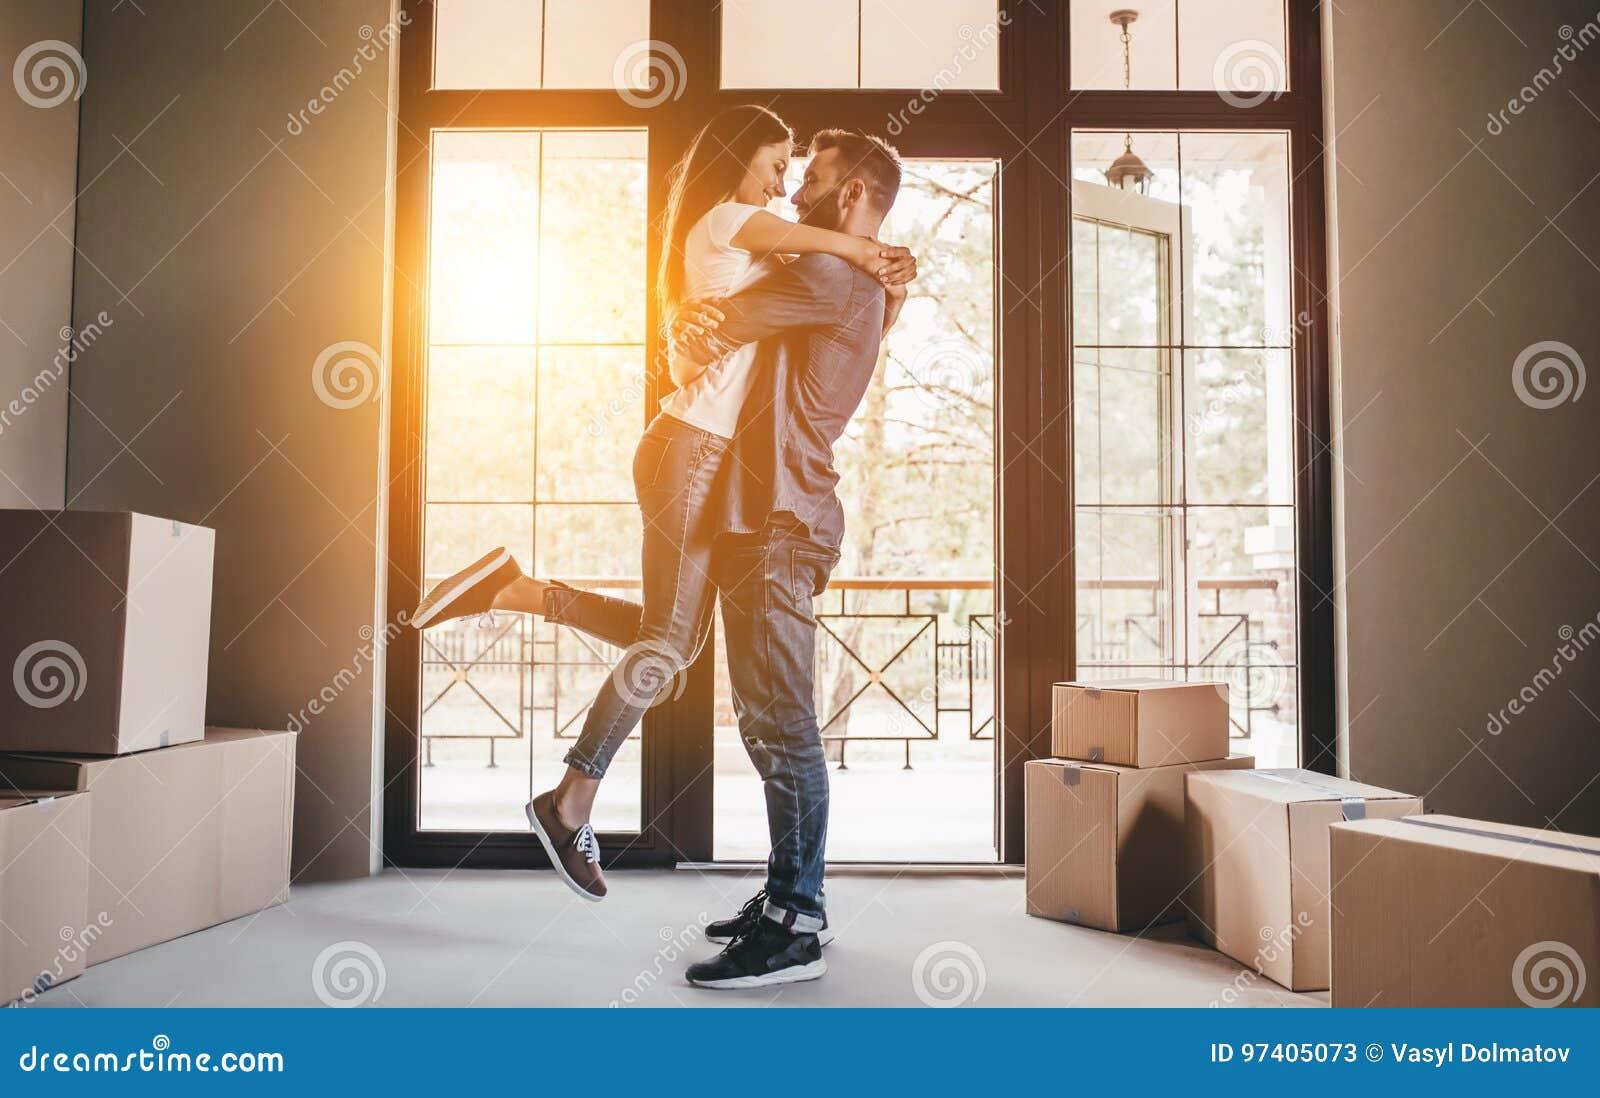 Coppie che si muovono nella nuova casa